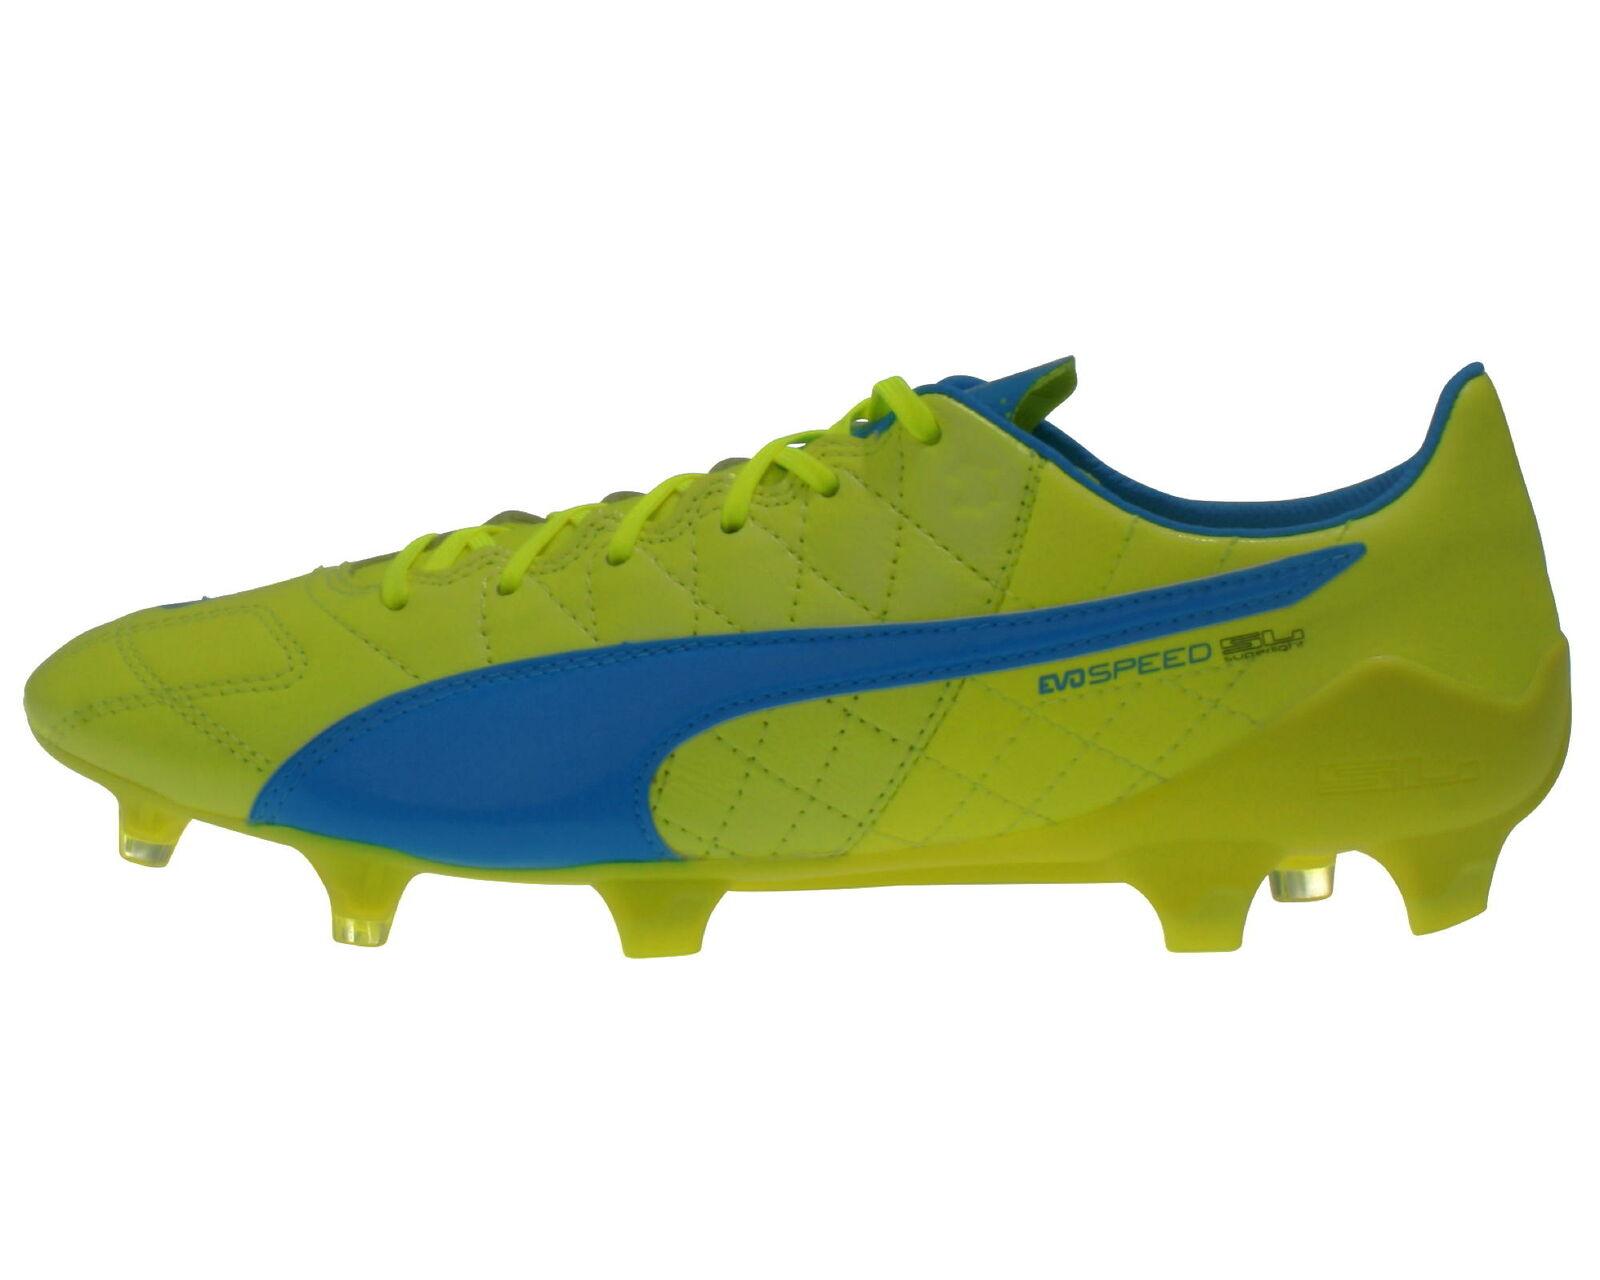 Puma Herren Fußball-Schuhe evoSpeed SL Leder FG gelb leichter Rasen-Schuh 40,5